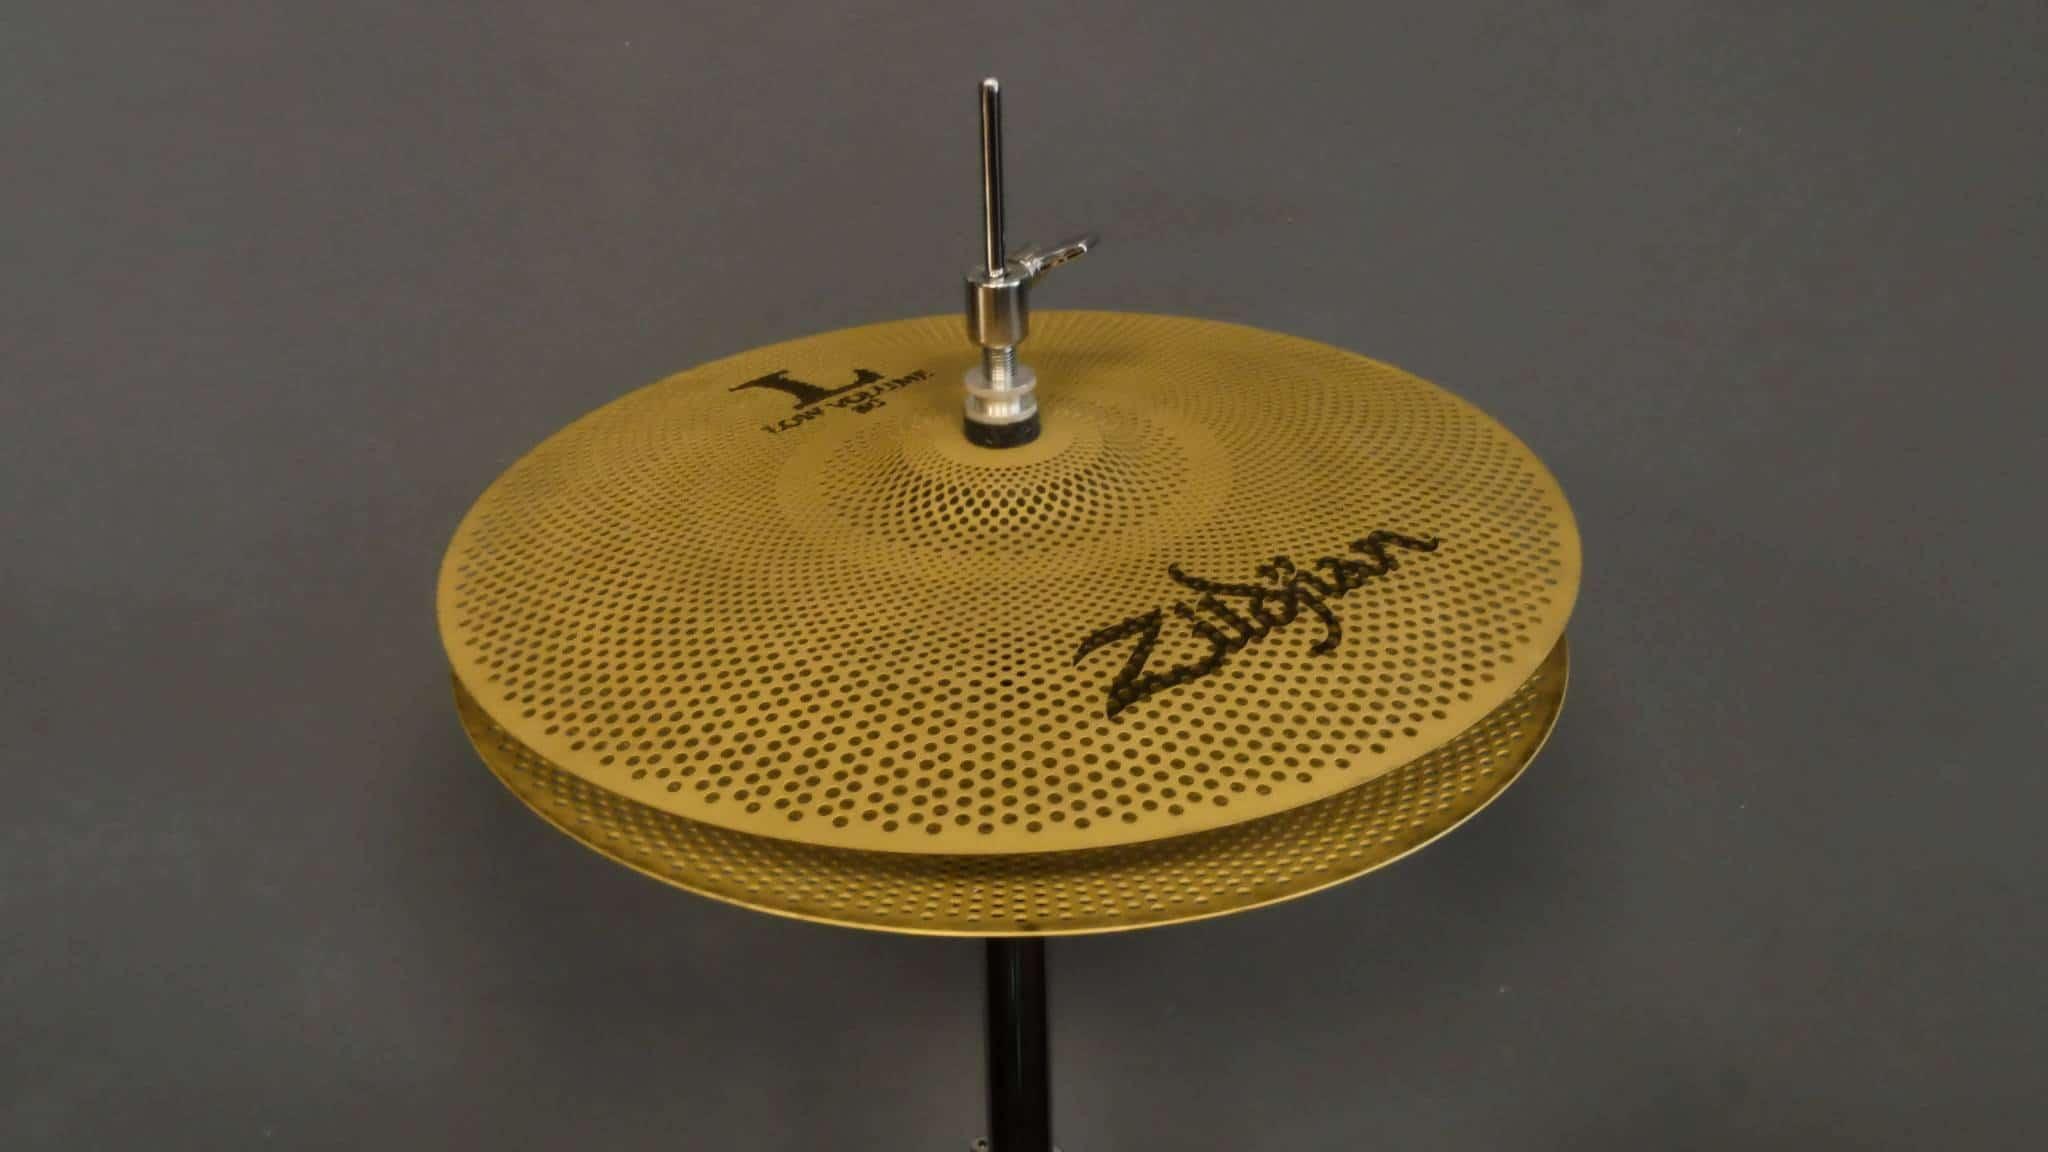 Zildjian Low volume hi-hat